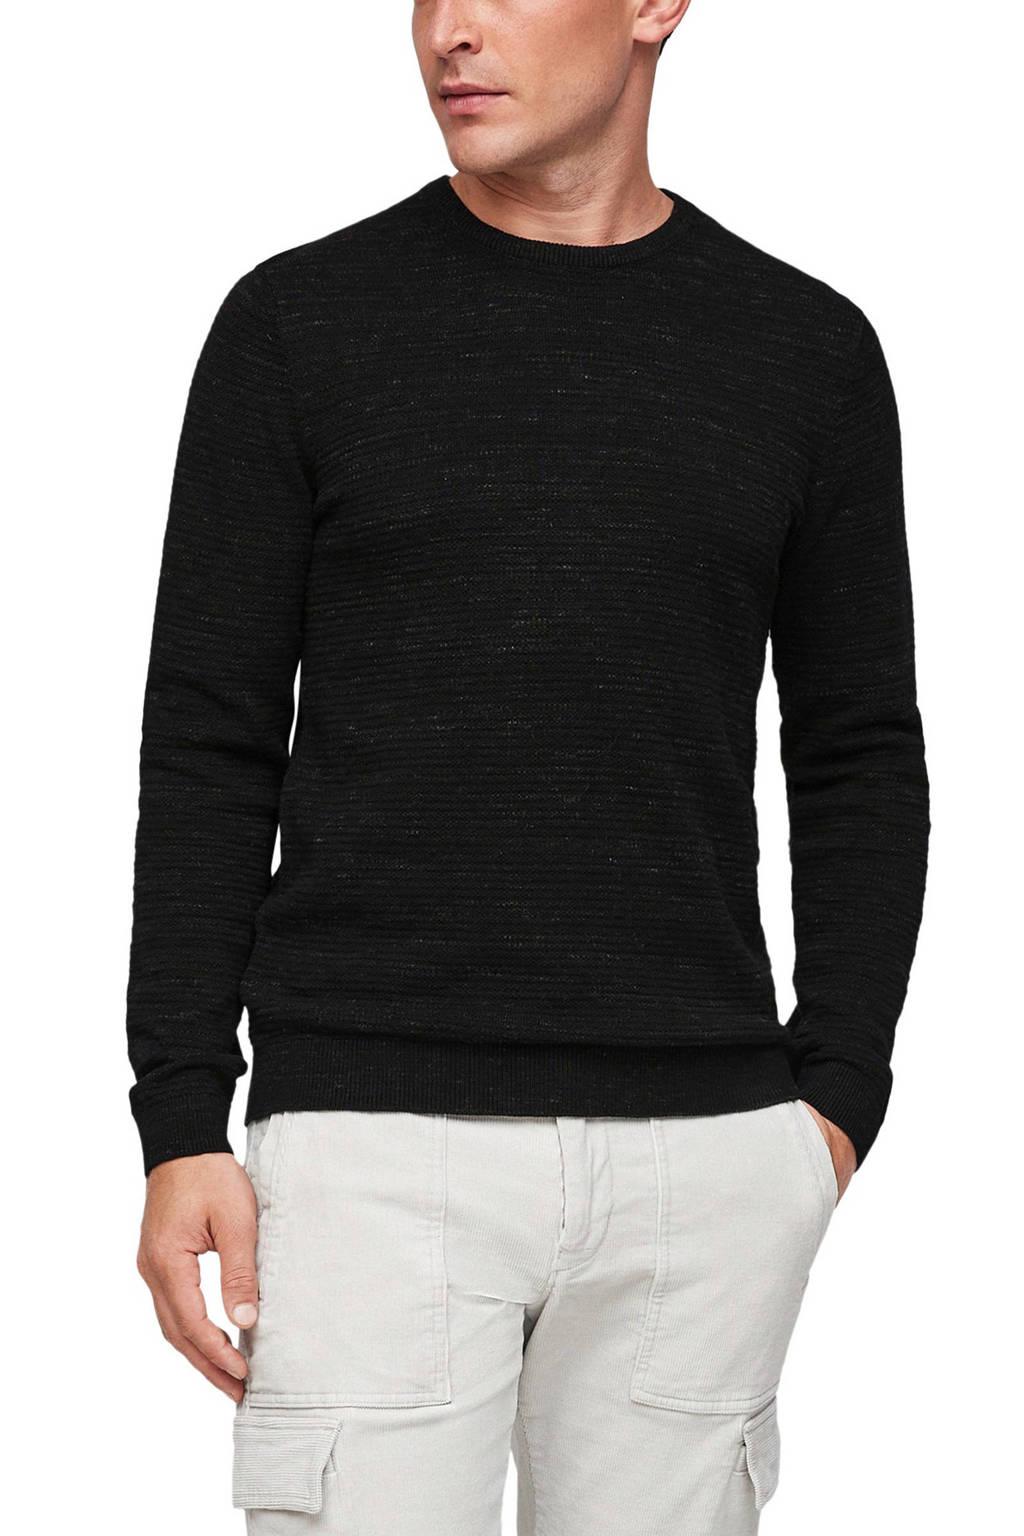 s.Oliver ribgebreide trui zwart, Zwart